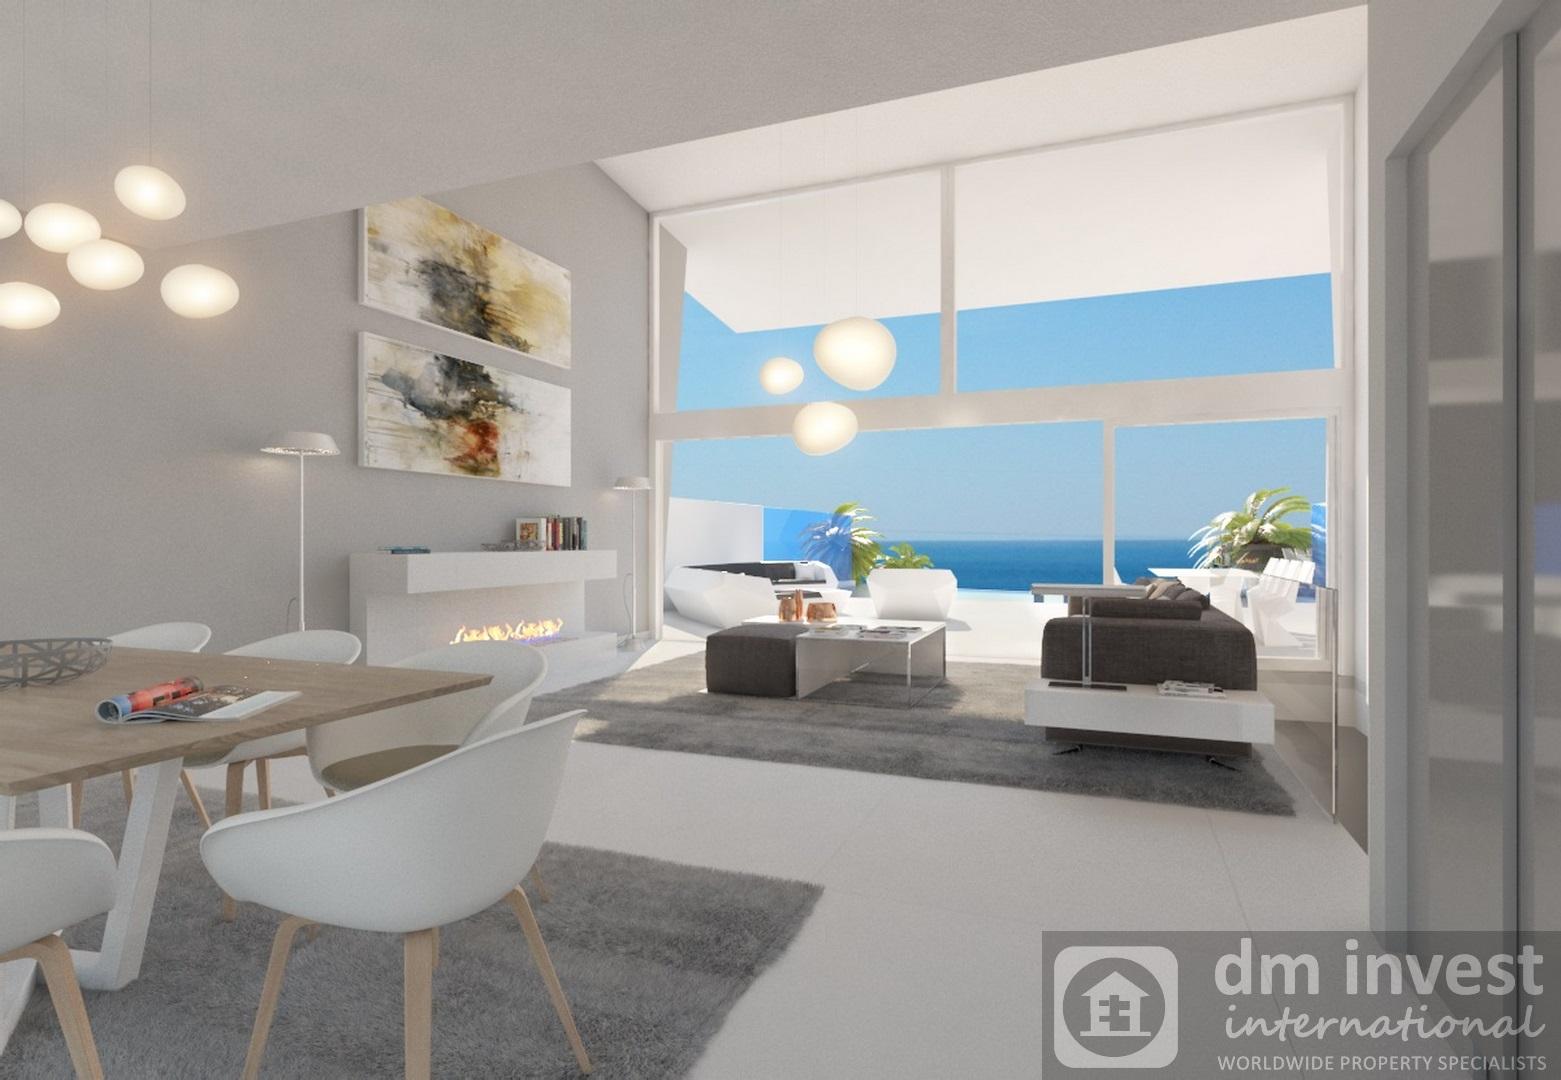 Villa in loft stijl met mezzanine dminvest